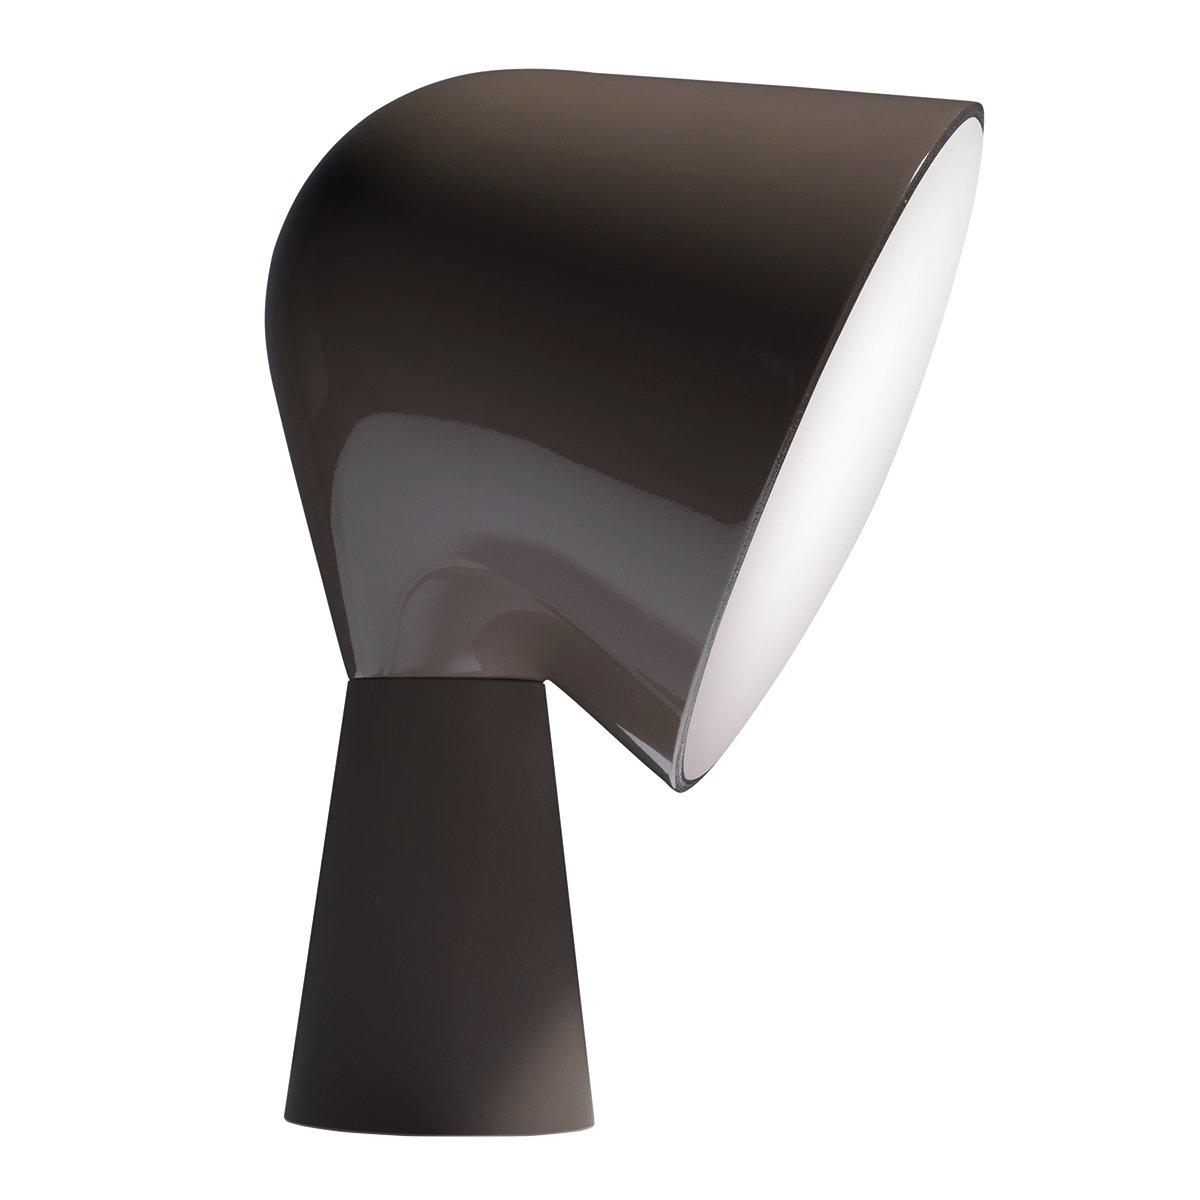 Foscarini Binic Tafellamp - Grijs